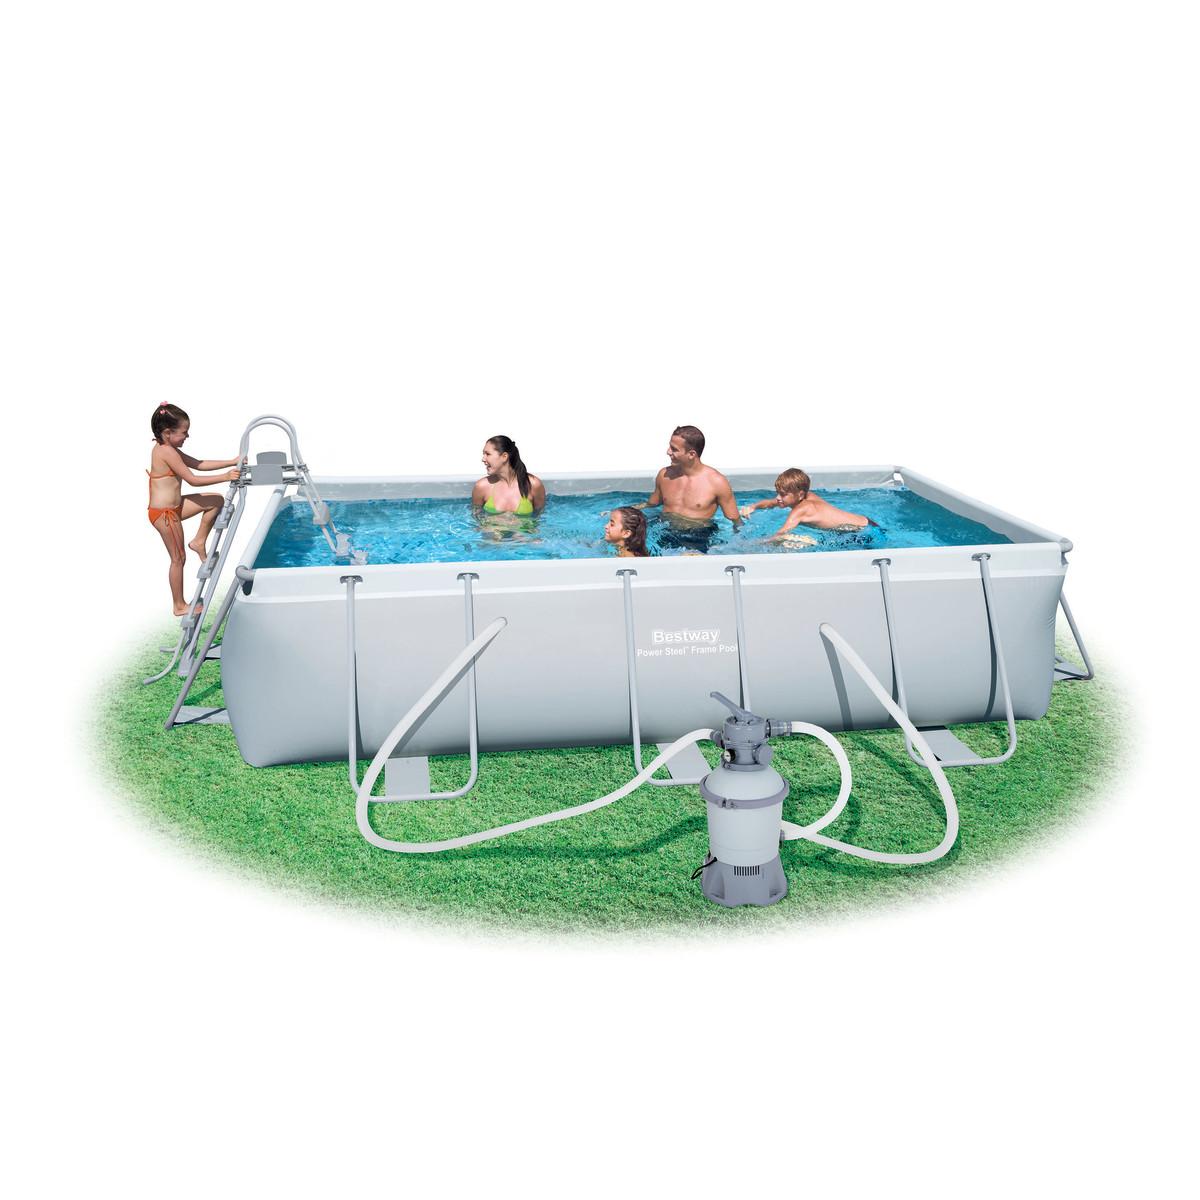 Bestway piscina bestway 549x274x122 56223 prezzi for Arena piscina leroy merlin